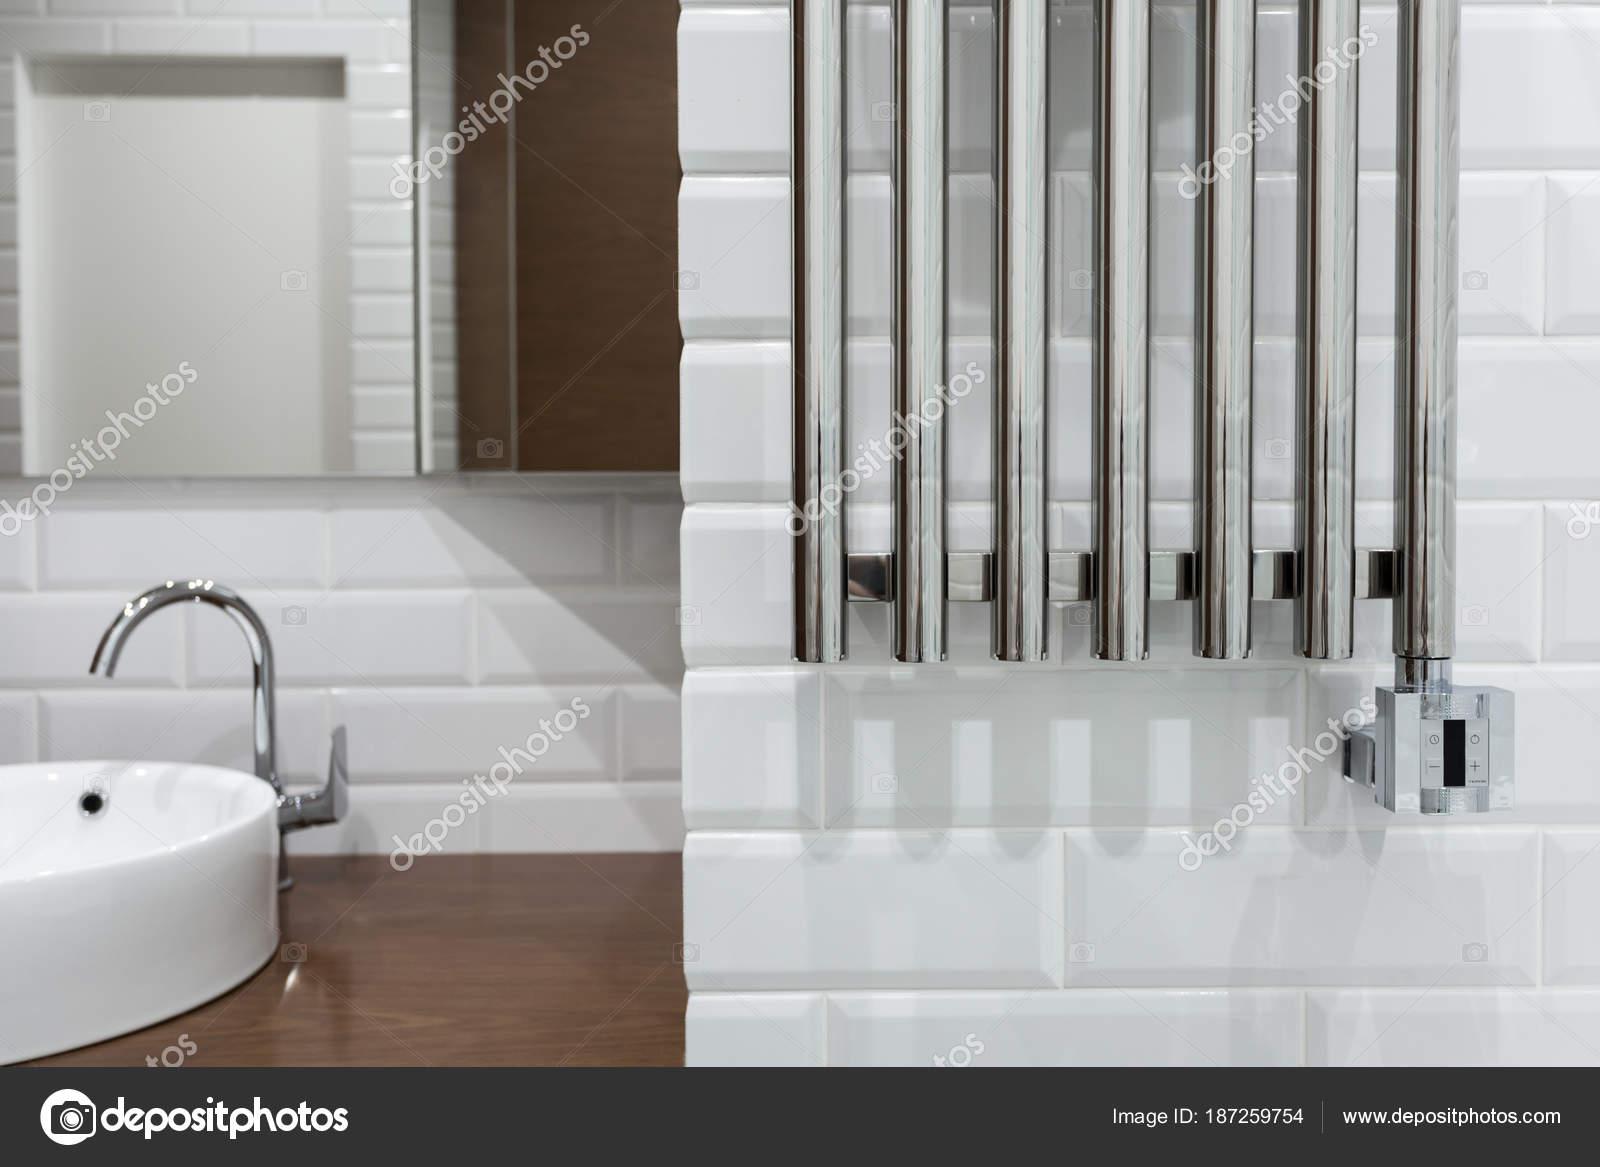 Heated Towel Rail Bathroom Towel Warmer Bathroom — Stock Photo ...